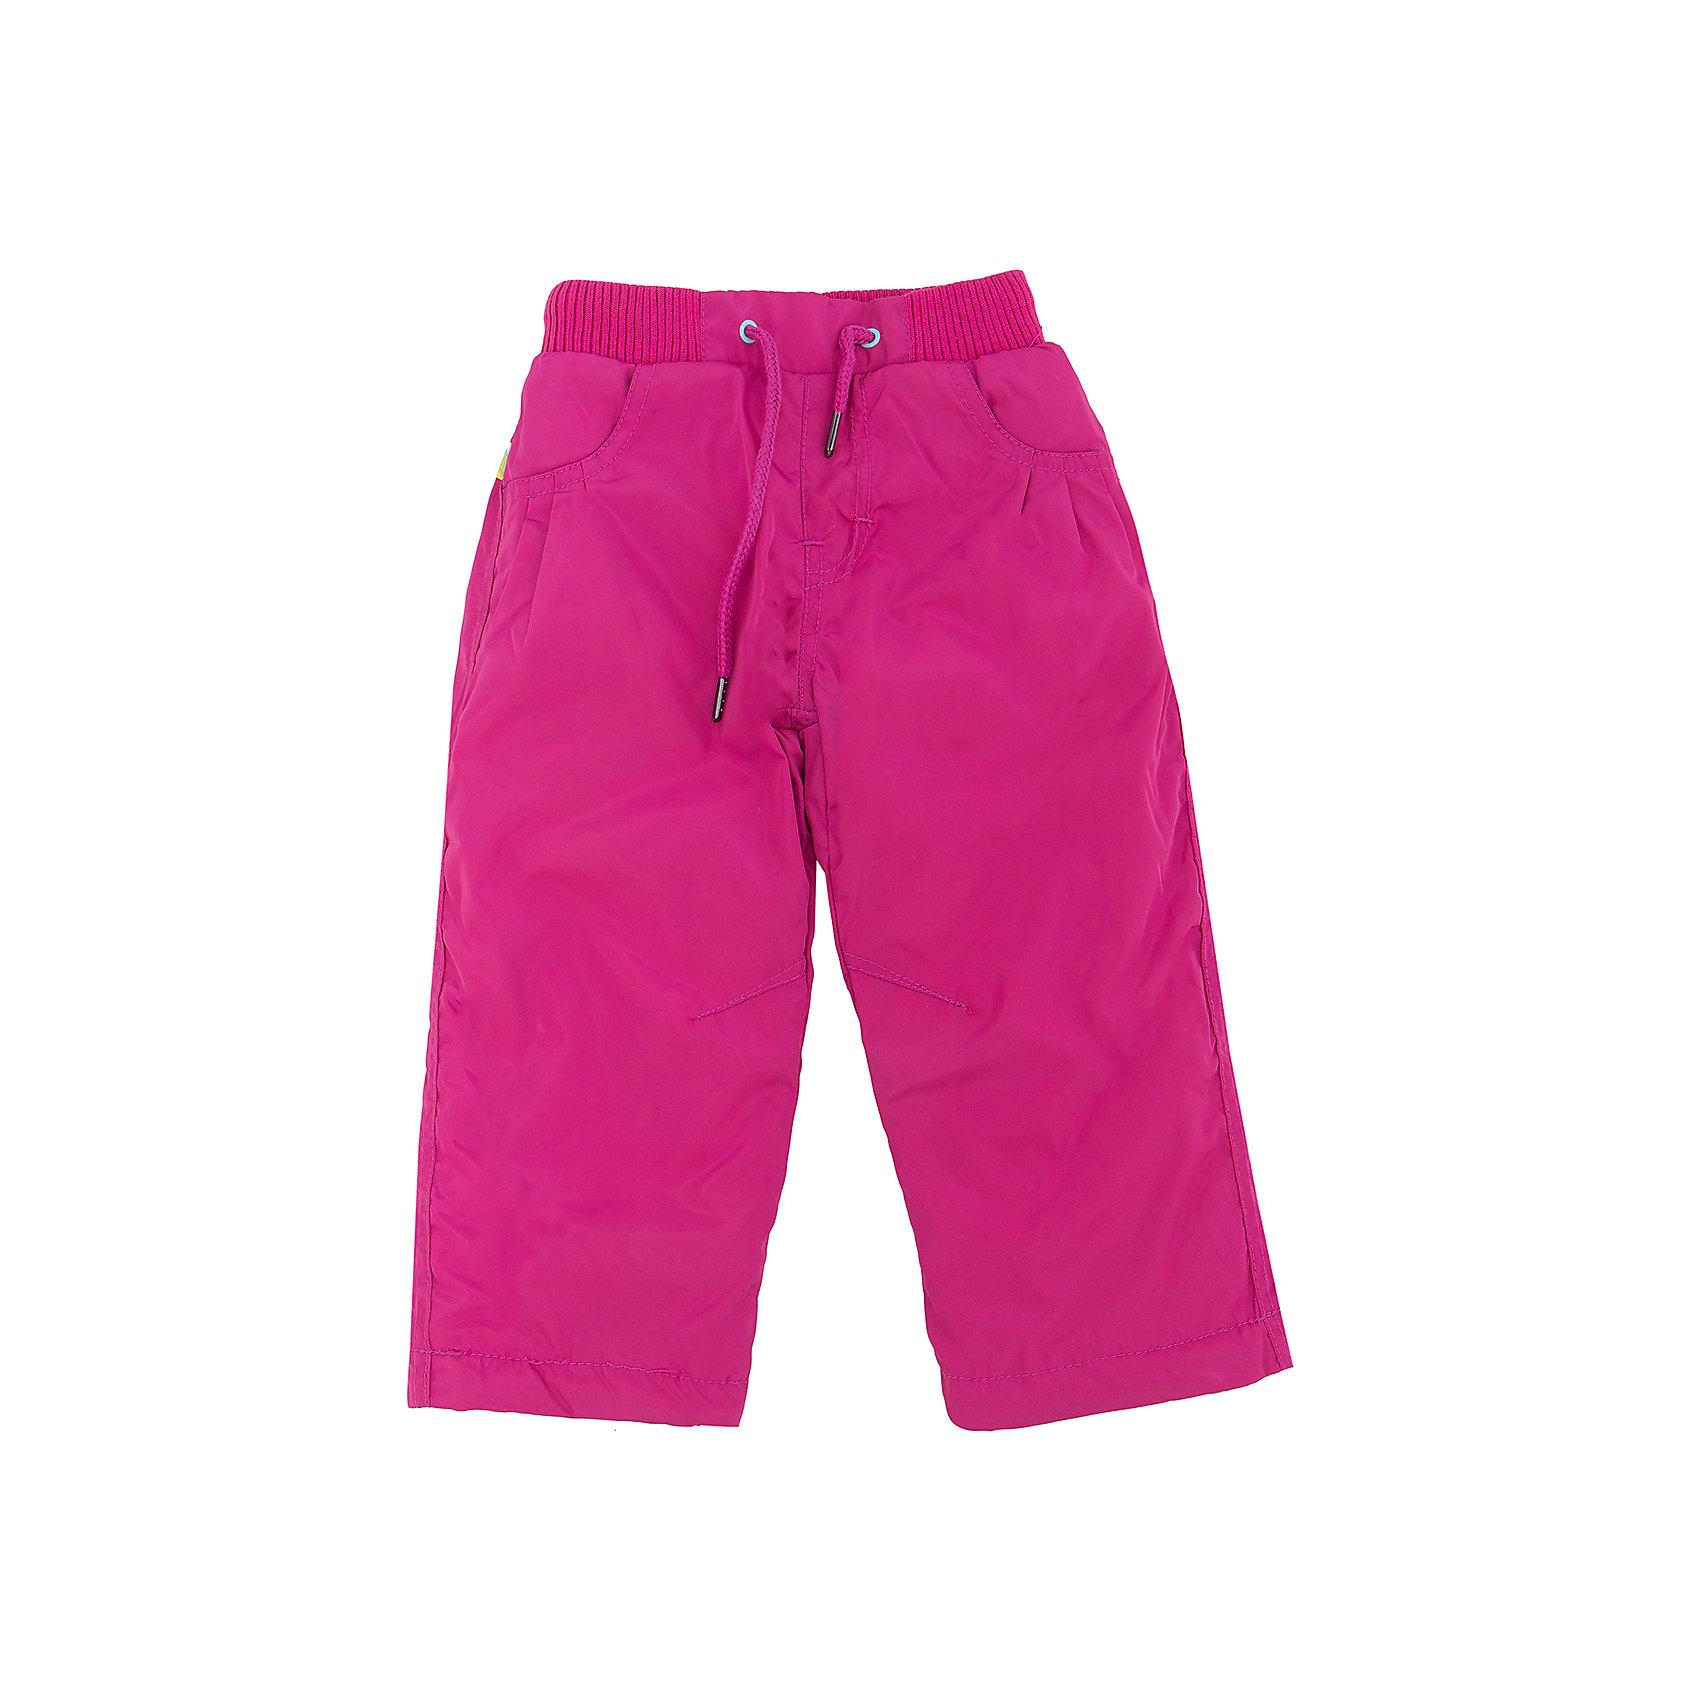 Брюки для девочки Sweet BerryВерхняя одежда<br>Такая модель брюк для девочки отличается теплой подкладкой и непромокаемым верхом. Удачный крой обеспечит ребенку комфорт и тепло. Мягкая и теплая подкладка делает вещь идеальной для прохладной погоды. Она плотно прилегает к телу там, где нужно, и отлично сидит по фигуре. Брюки имеют резинку и шнурок на талии. <br>Одежда от бренда Sweet Berry - это простой и выгодный способ одеть ребенка удобно и стильно. Всё изделия тщательно проработаны: швы - прочные, материал - качественный, фурнитура - подобранная специально для детей. <br><br>Дополнительная информация:<br><br>цвет: розовый;<br>резинка и шнурок на талии;<br>материал: верх, наполнитель, подкладка - 100% полиэстер;<br>непромокаемый верх.<br><br>Брюки для девочки от бренда Sweet Berry можно купить в нашем интернет-магазине.<br><br>Ширина мм: 215<br>Глубина мм: 88<br>Высота мм: 191<br>Вес г: 336<br>Цвет: розовый<br>Возраст от месяцев: 24<br>Возраст до месяцев: 36<br>Пол: Женский<br>Возраст: Детский<br>Размер: 98,80,86,92<br>SKU: 4931223